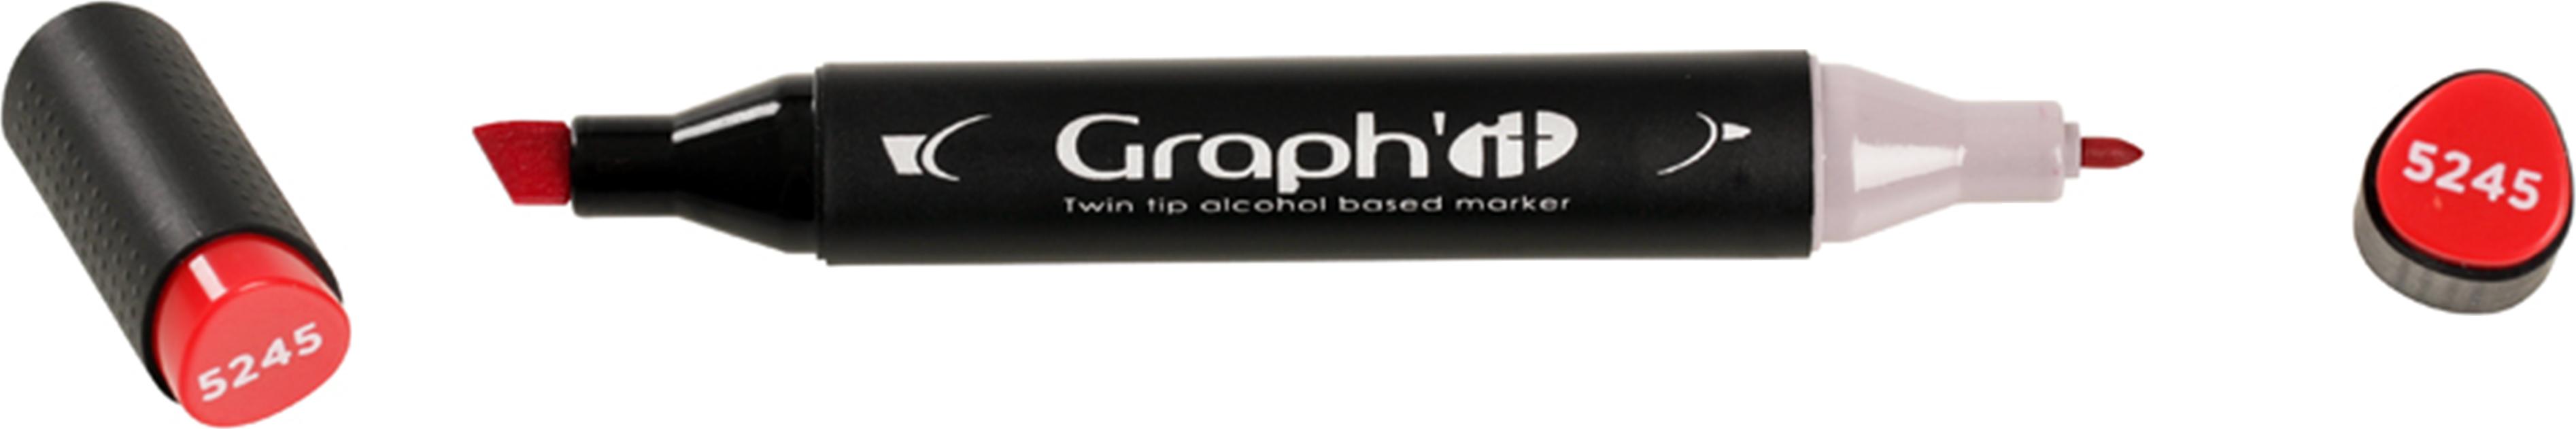 graph'it